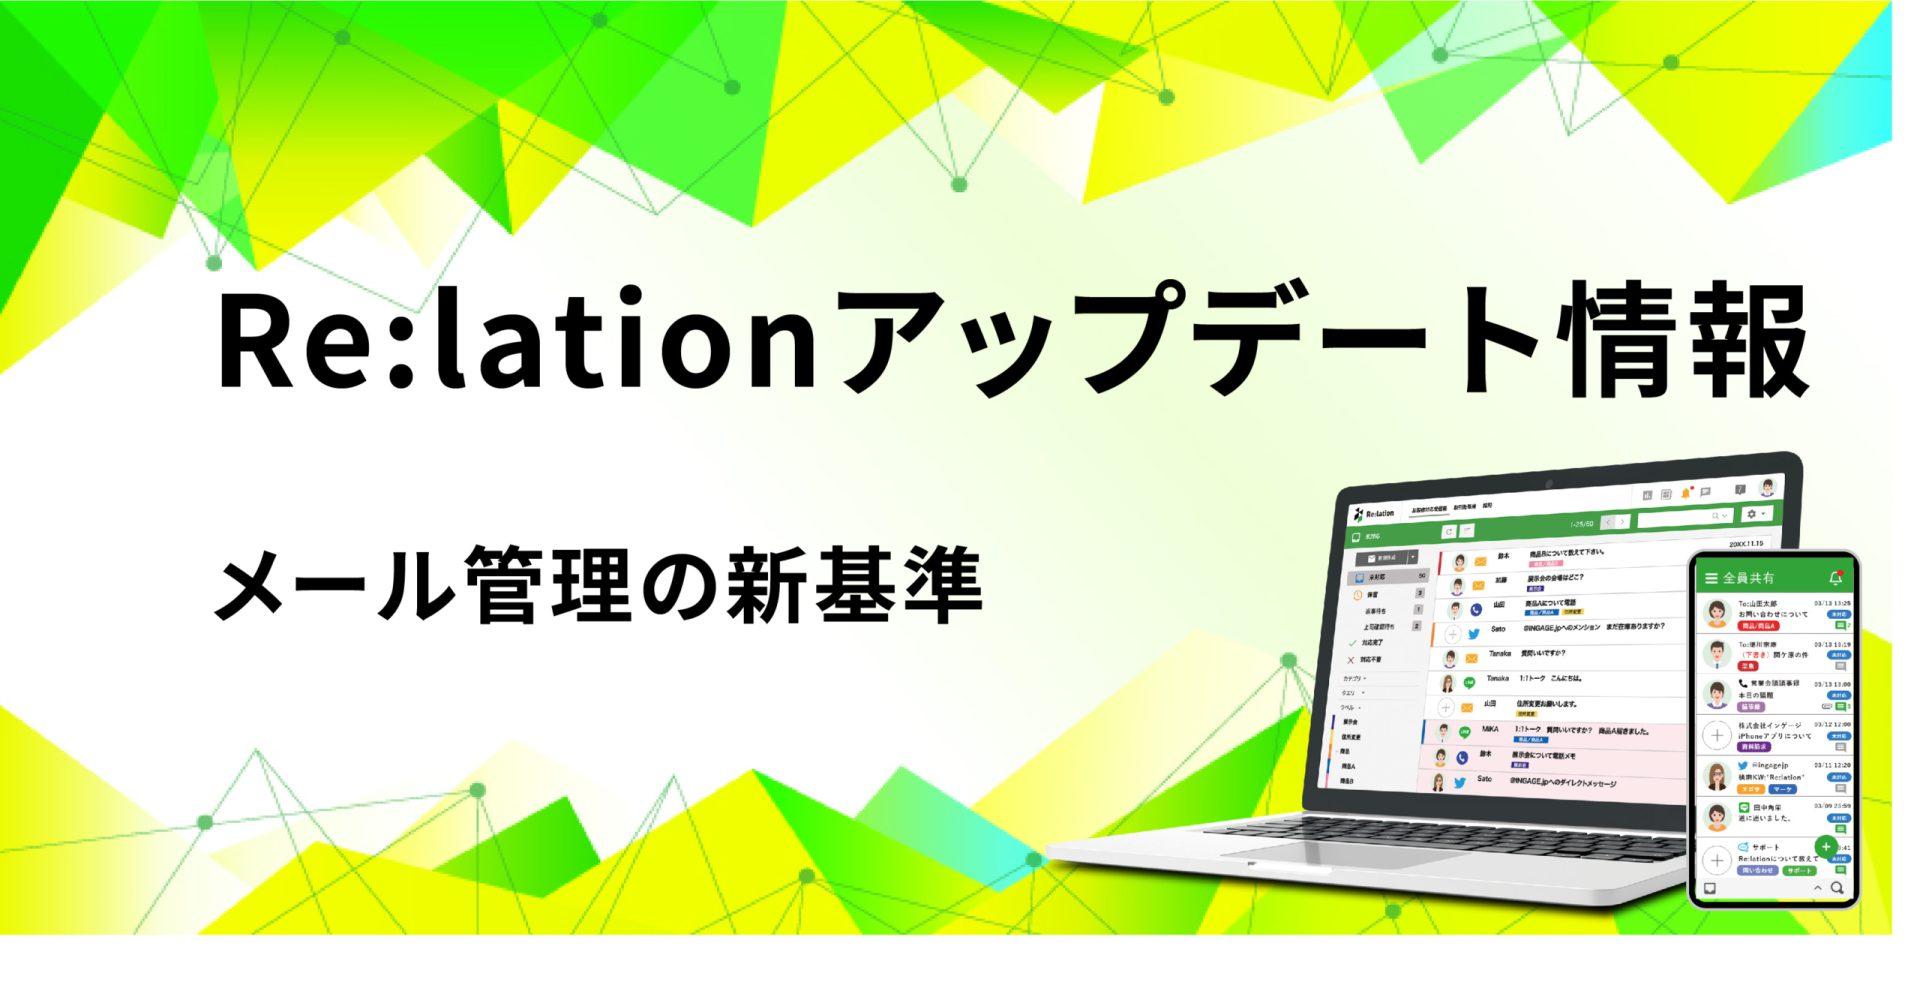 テレワーク時代のメール管理「Re:lation(リレーション)」10.15アップデート